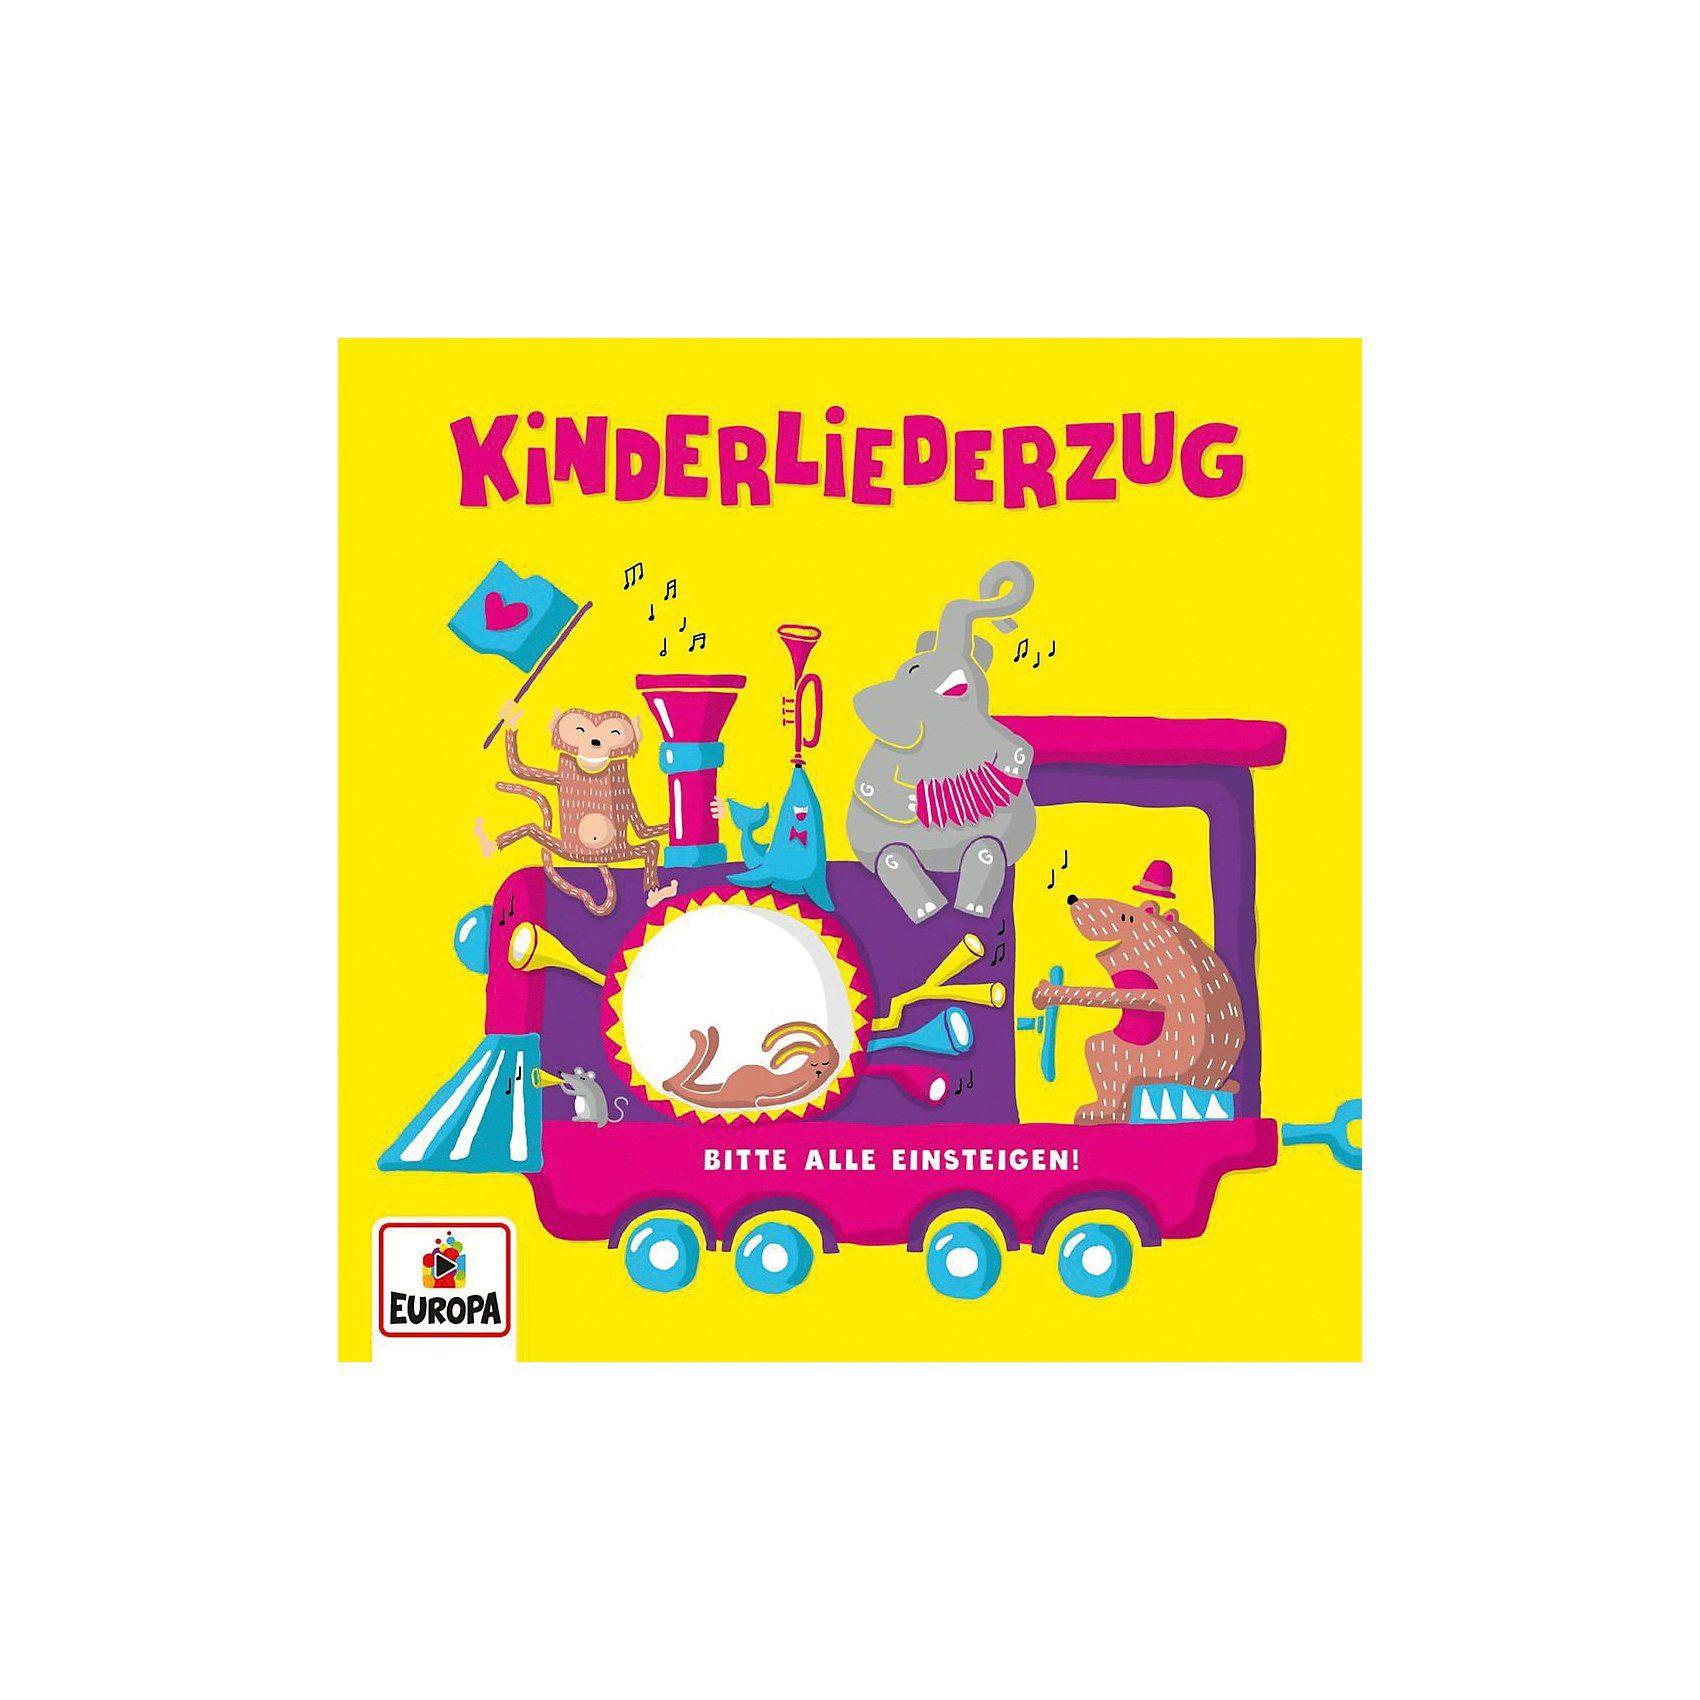 Sony CD Kinderliederzug - Bitte Alle Einsteigen!